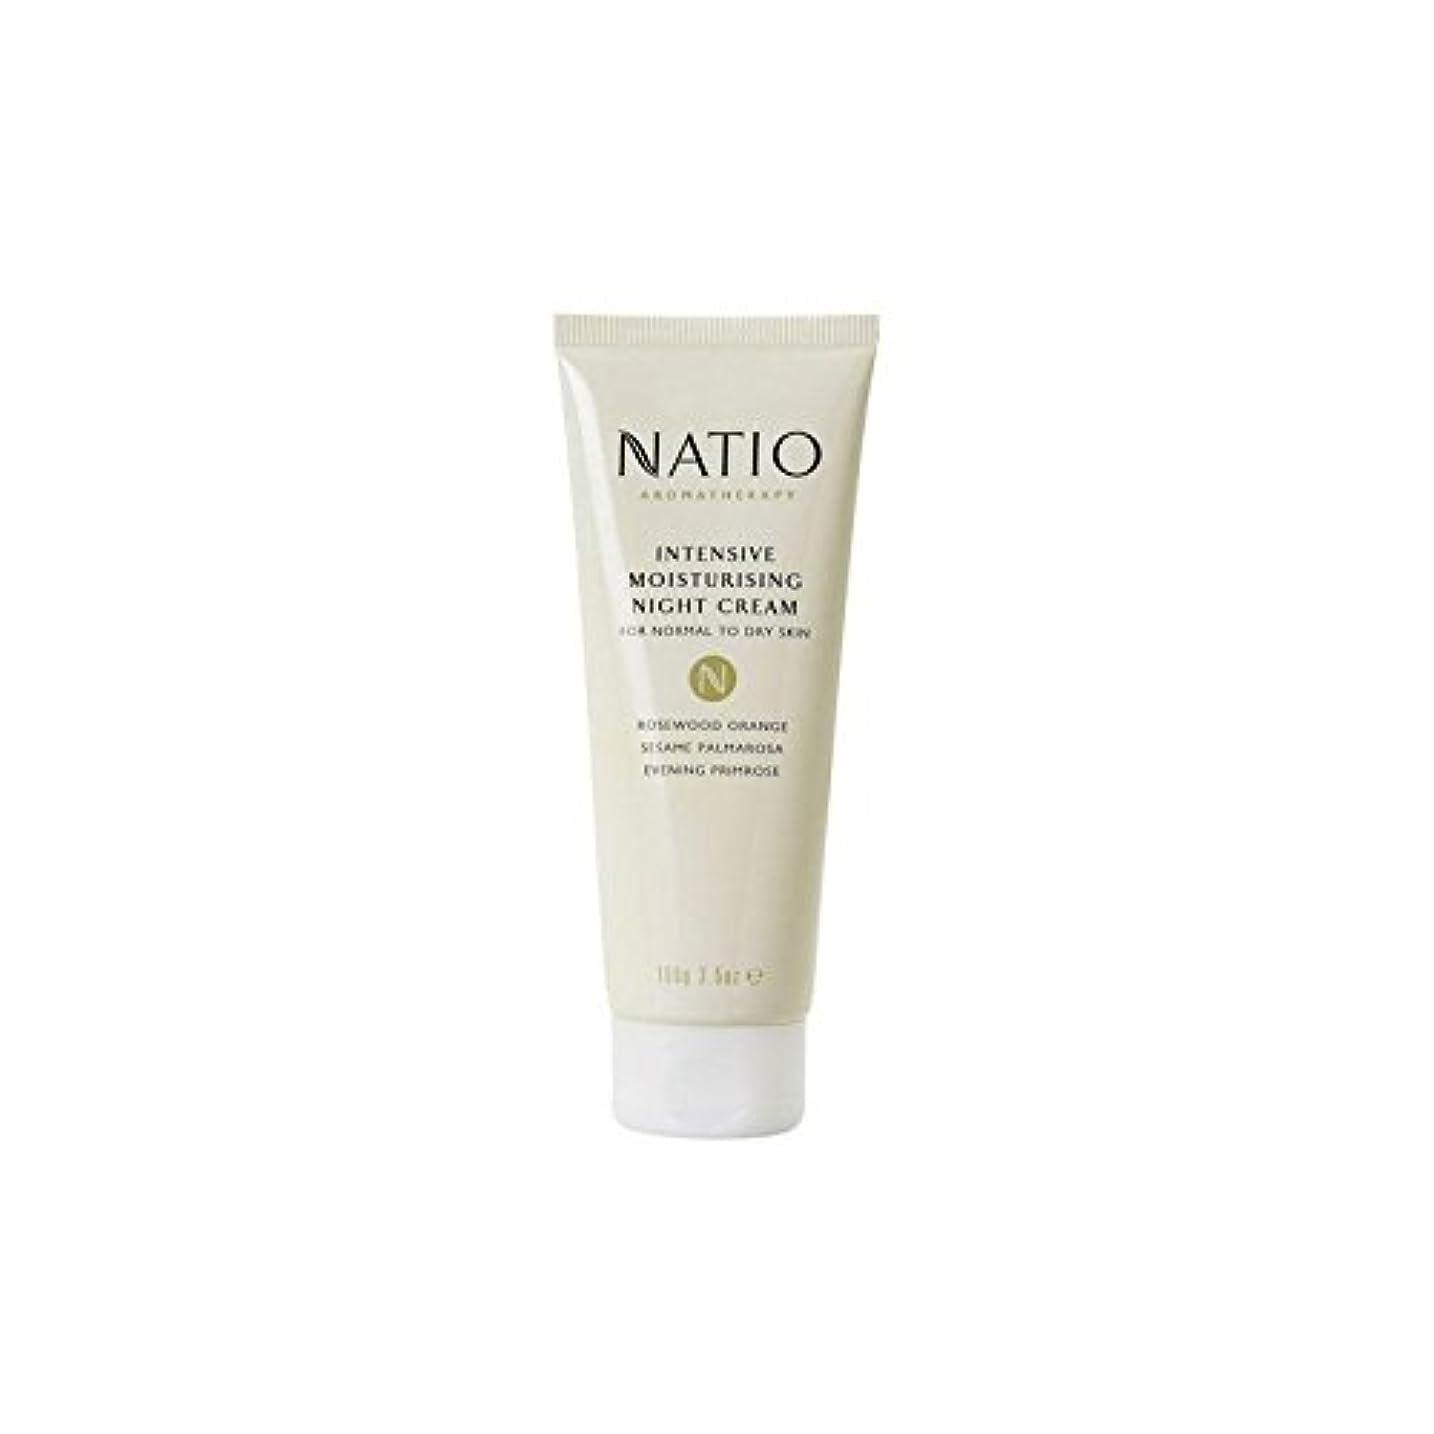 記念日むさぼり食う制裁集中的な保湿ナイトクリーム(100グラム) x2 - Natio Intensive Moisturising Night Cream (100G) (Pack of 2) [並行輸入品]